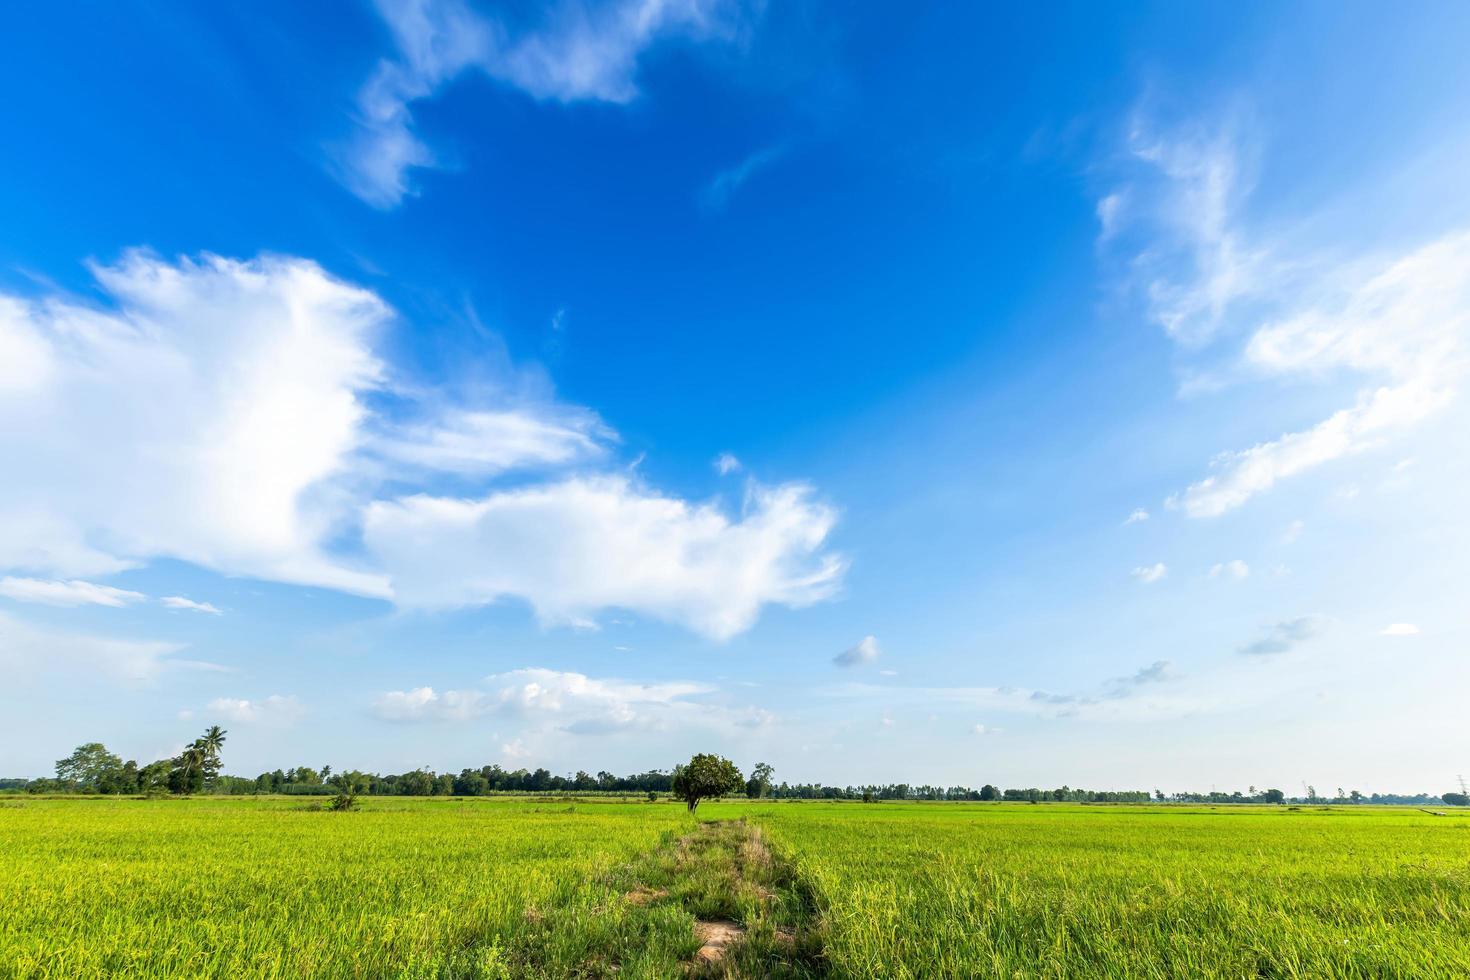 een wandelpad in een groen korenveld leidt naar een stel bomen foto